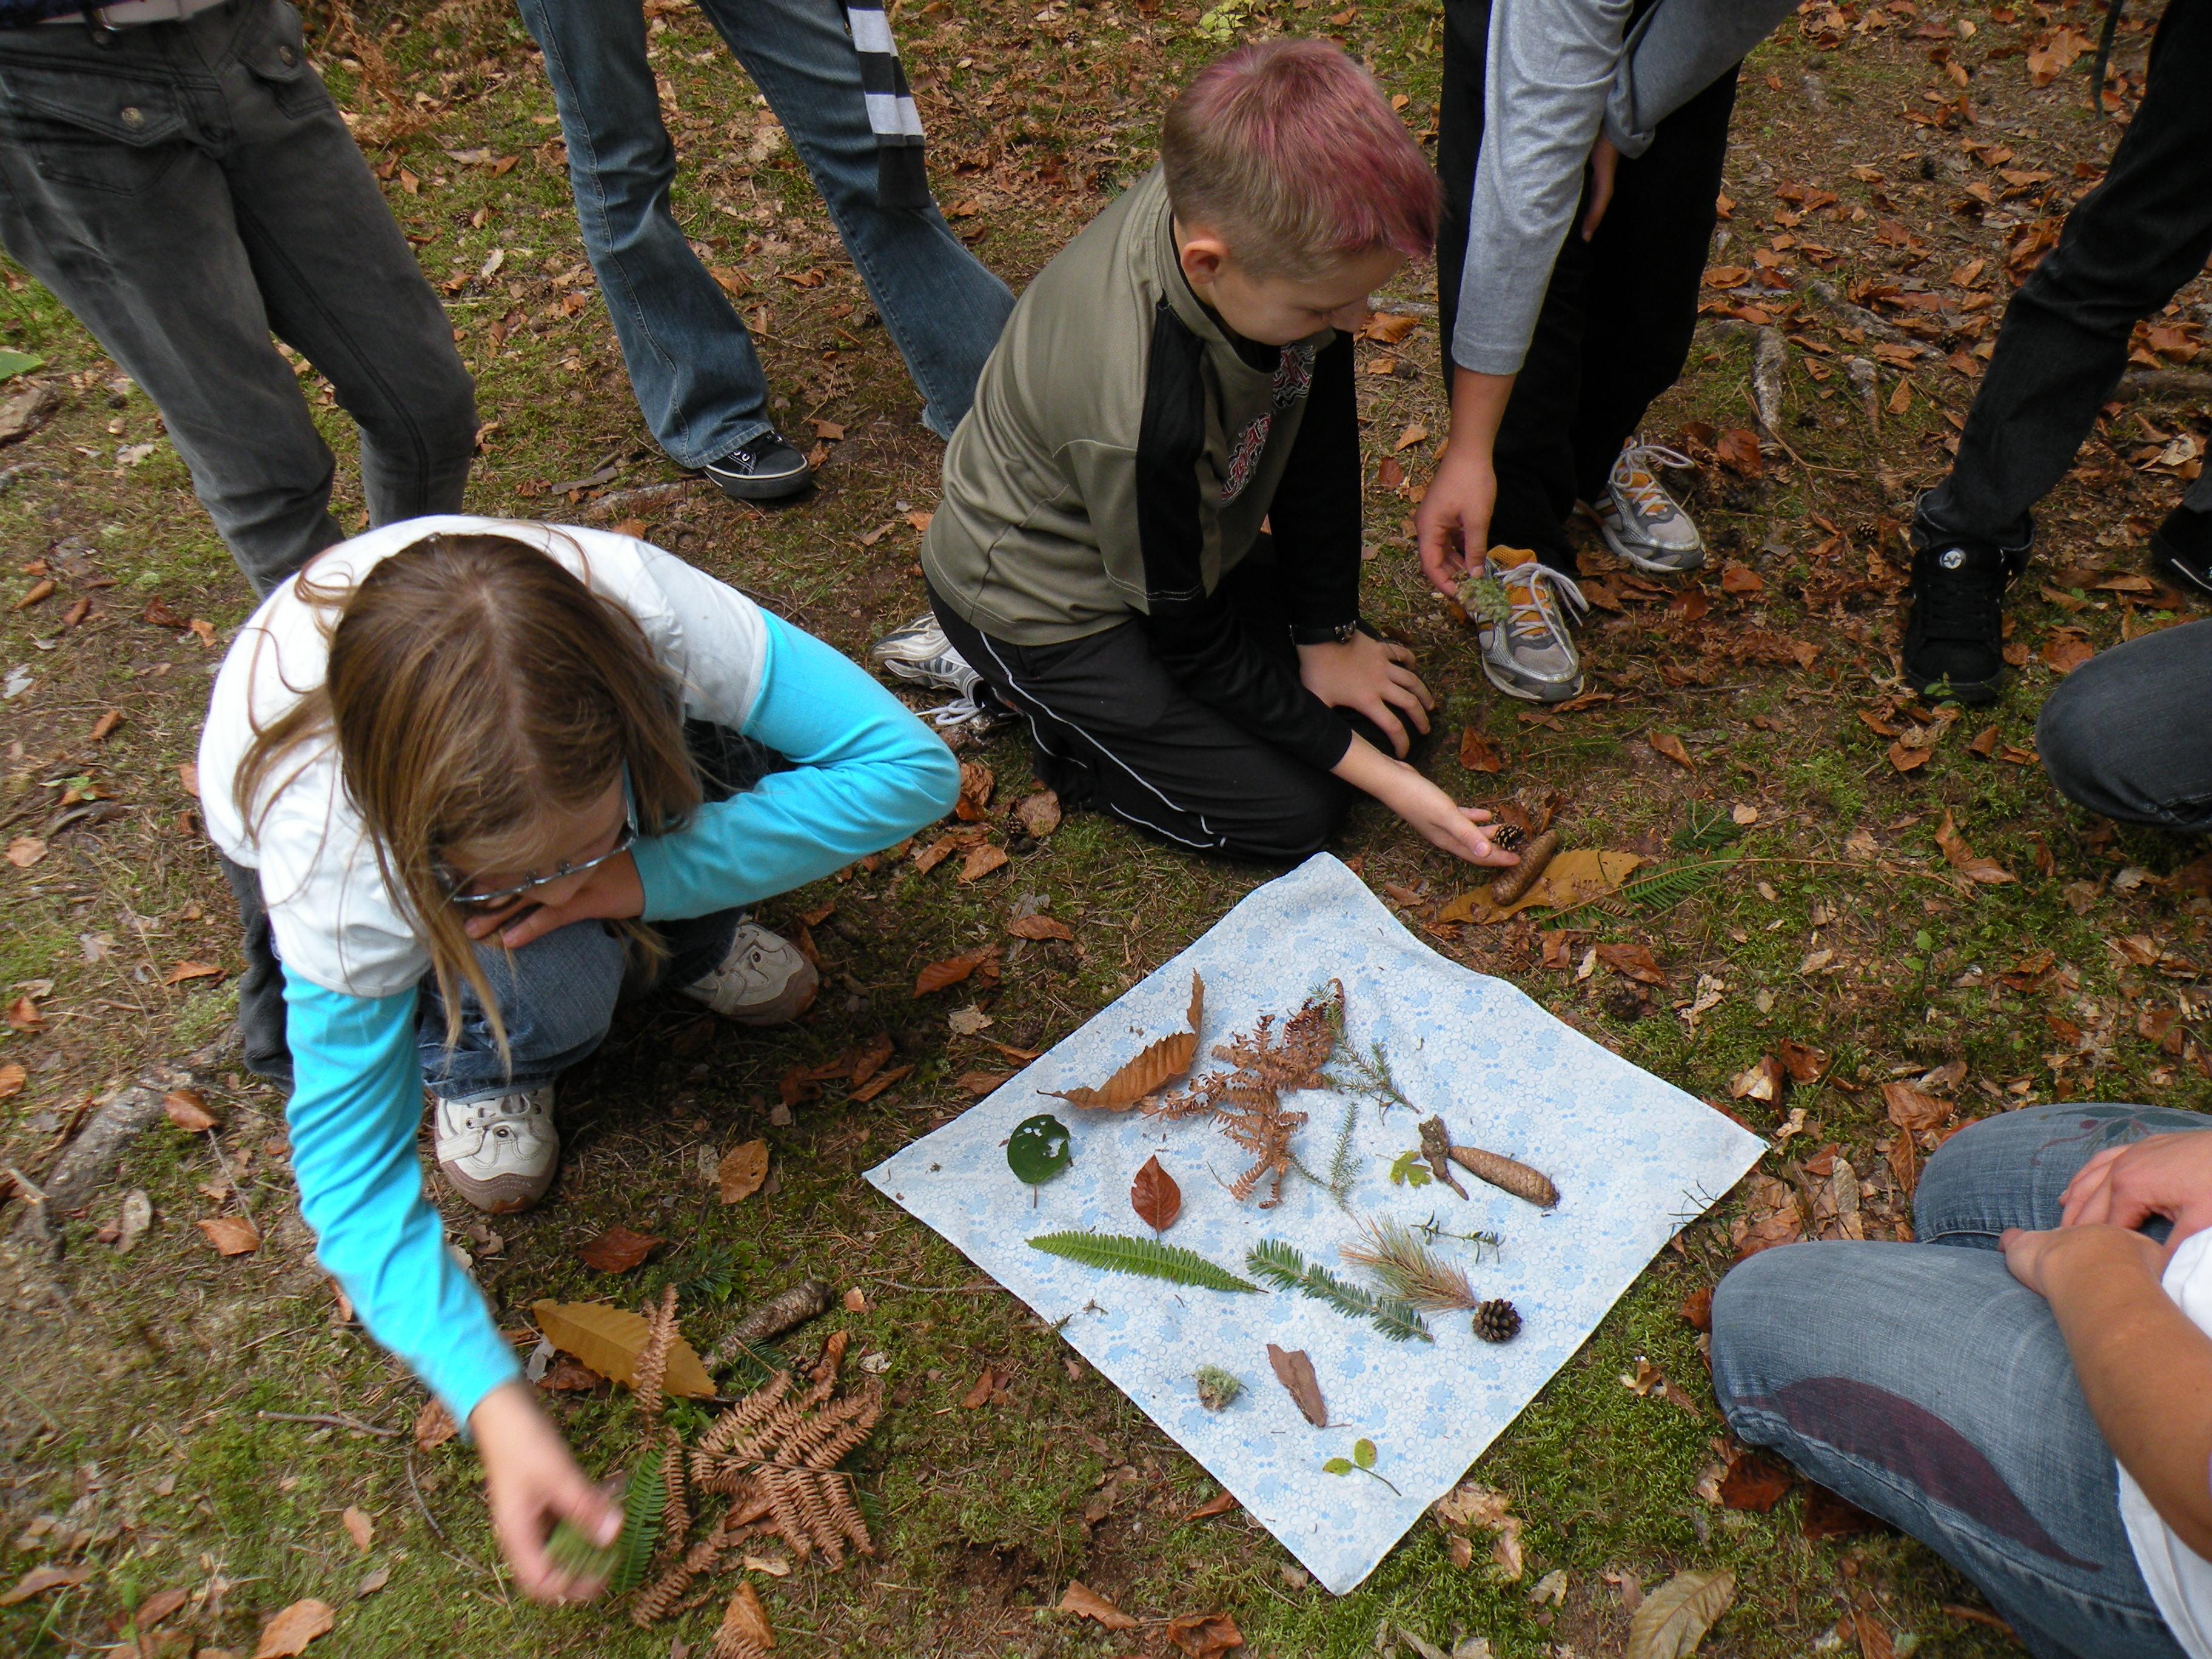 Gozd skriva zdravje in dobrote – odkrijmo jih!